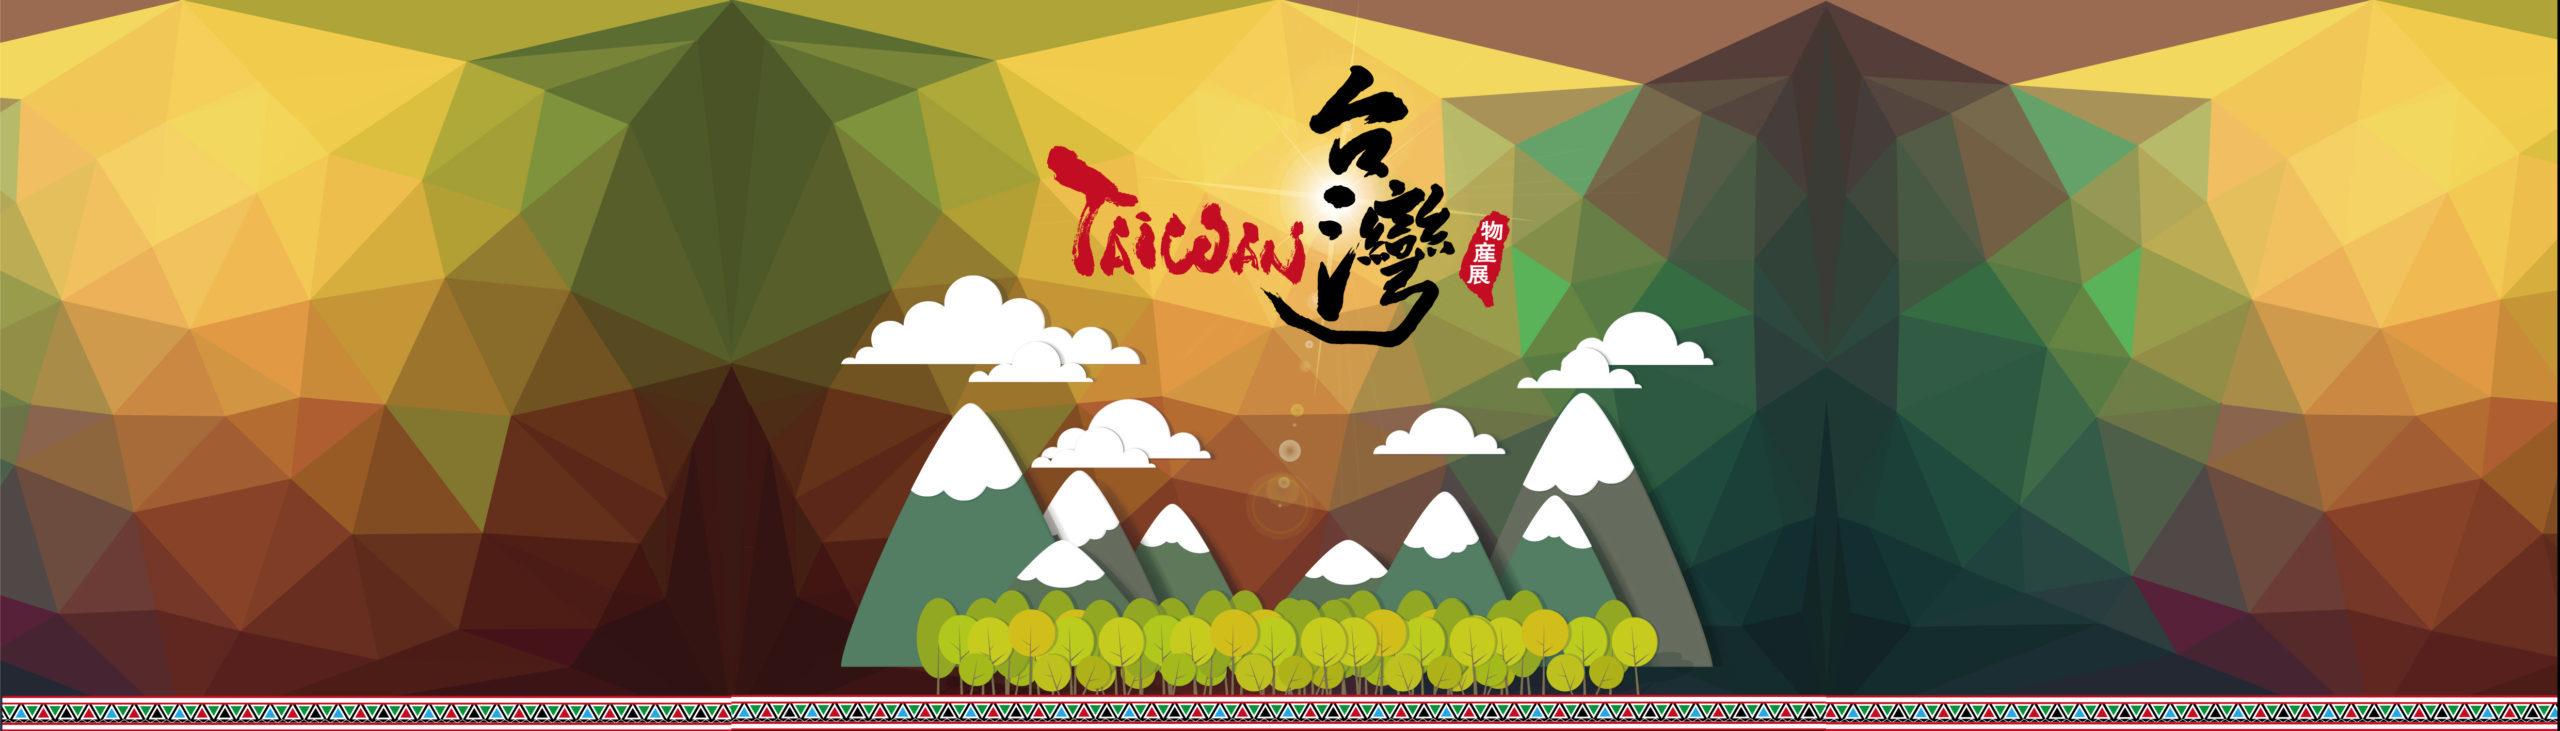 台湾物産展:広告デザイン